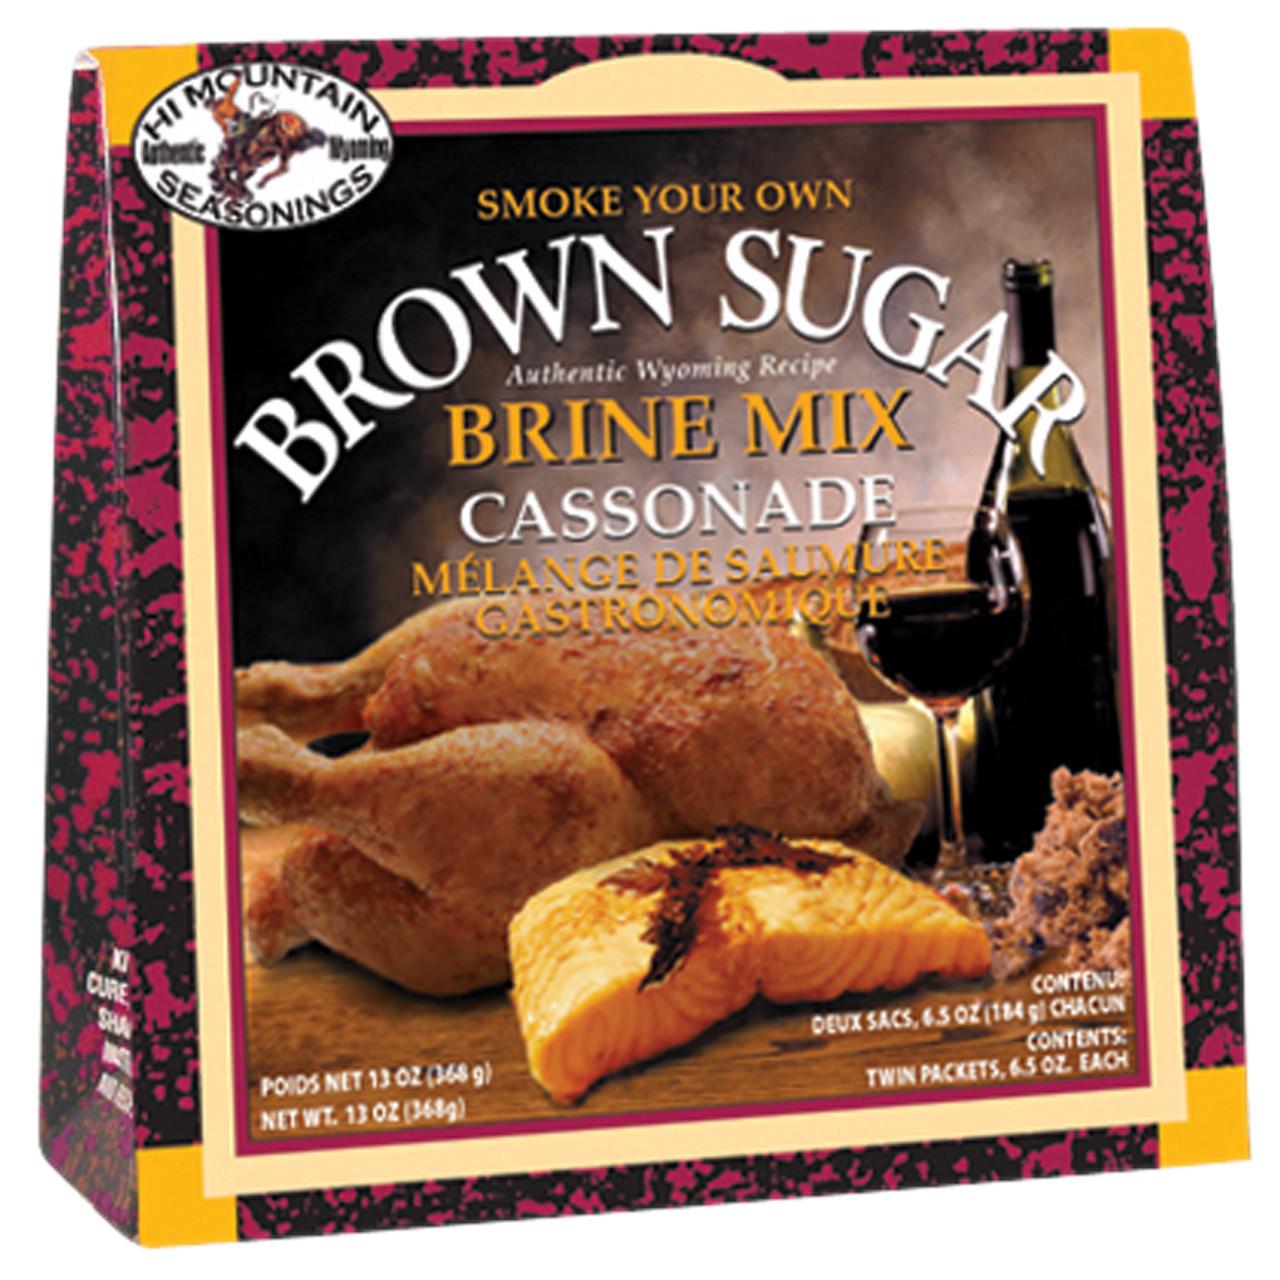 Brown Sugar Brine Mix